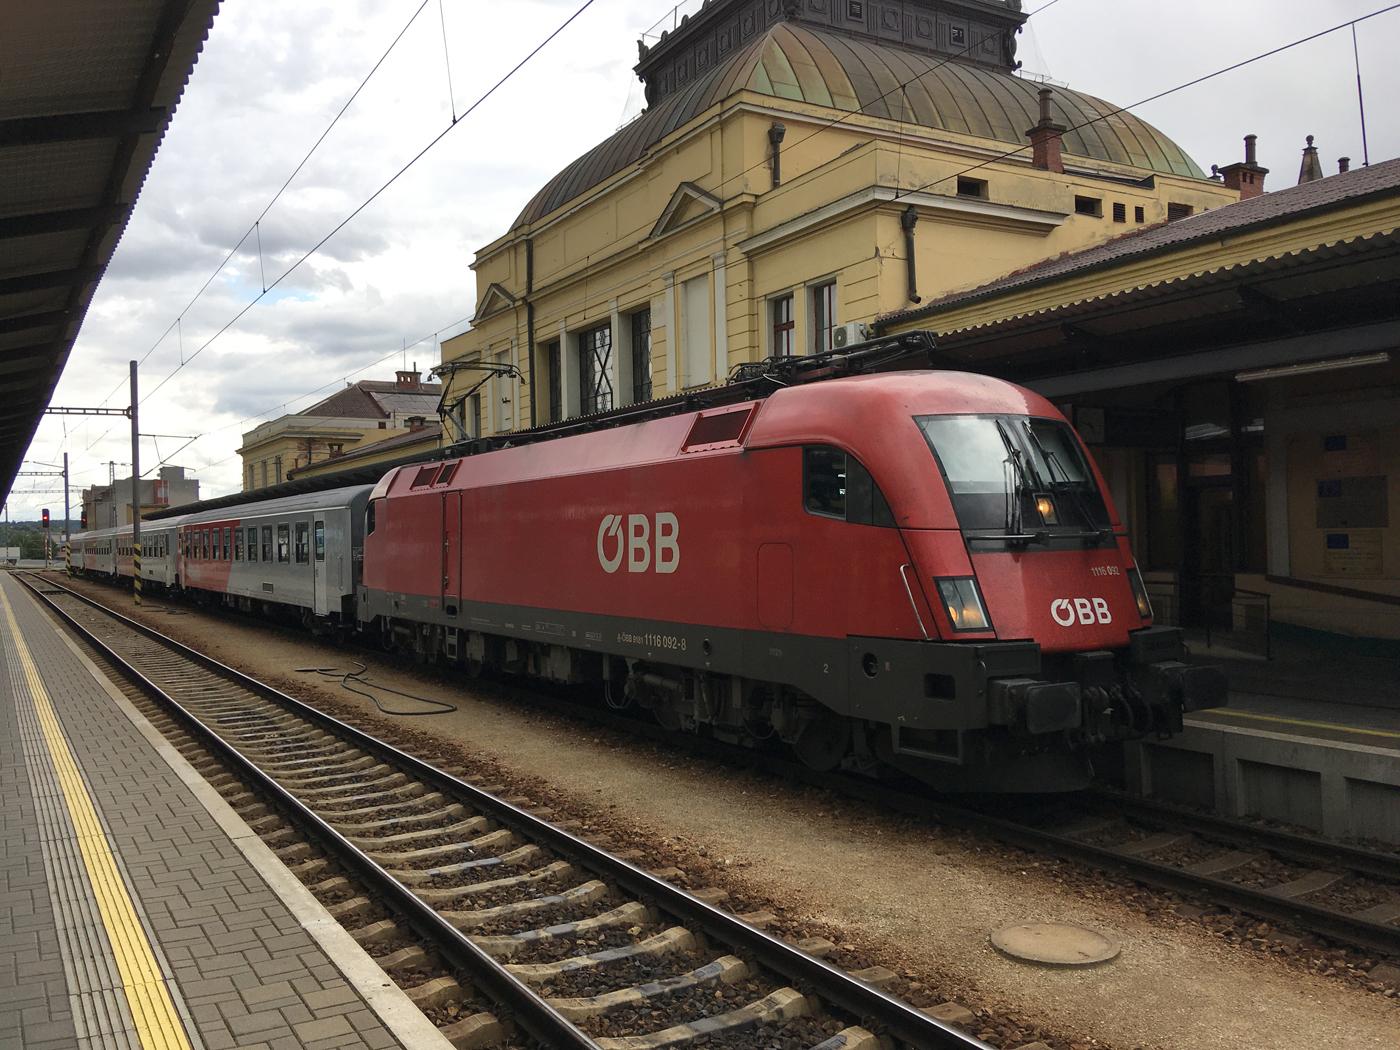 ÖBB train at České Budějovice